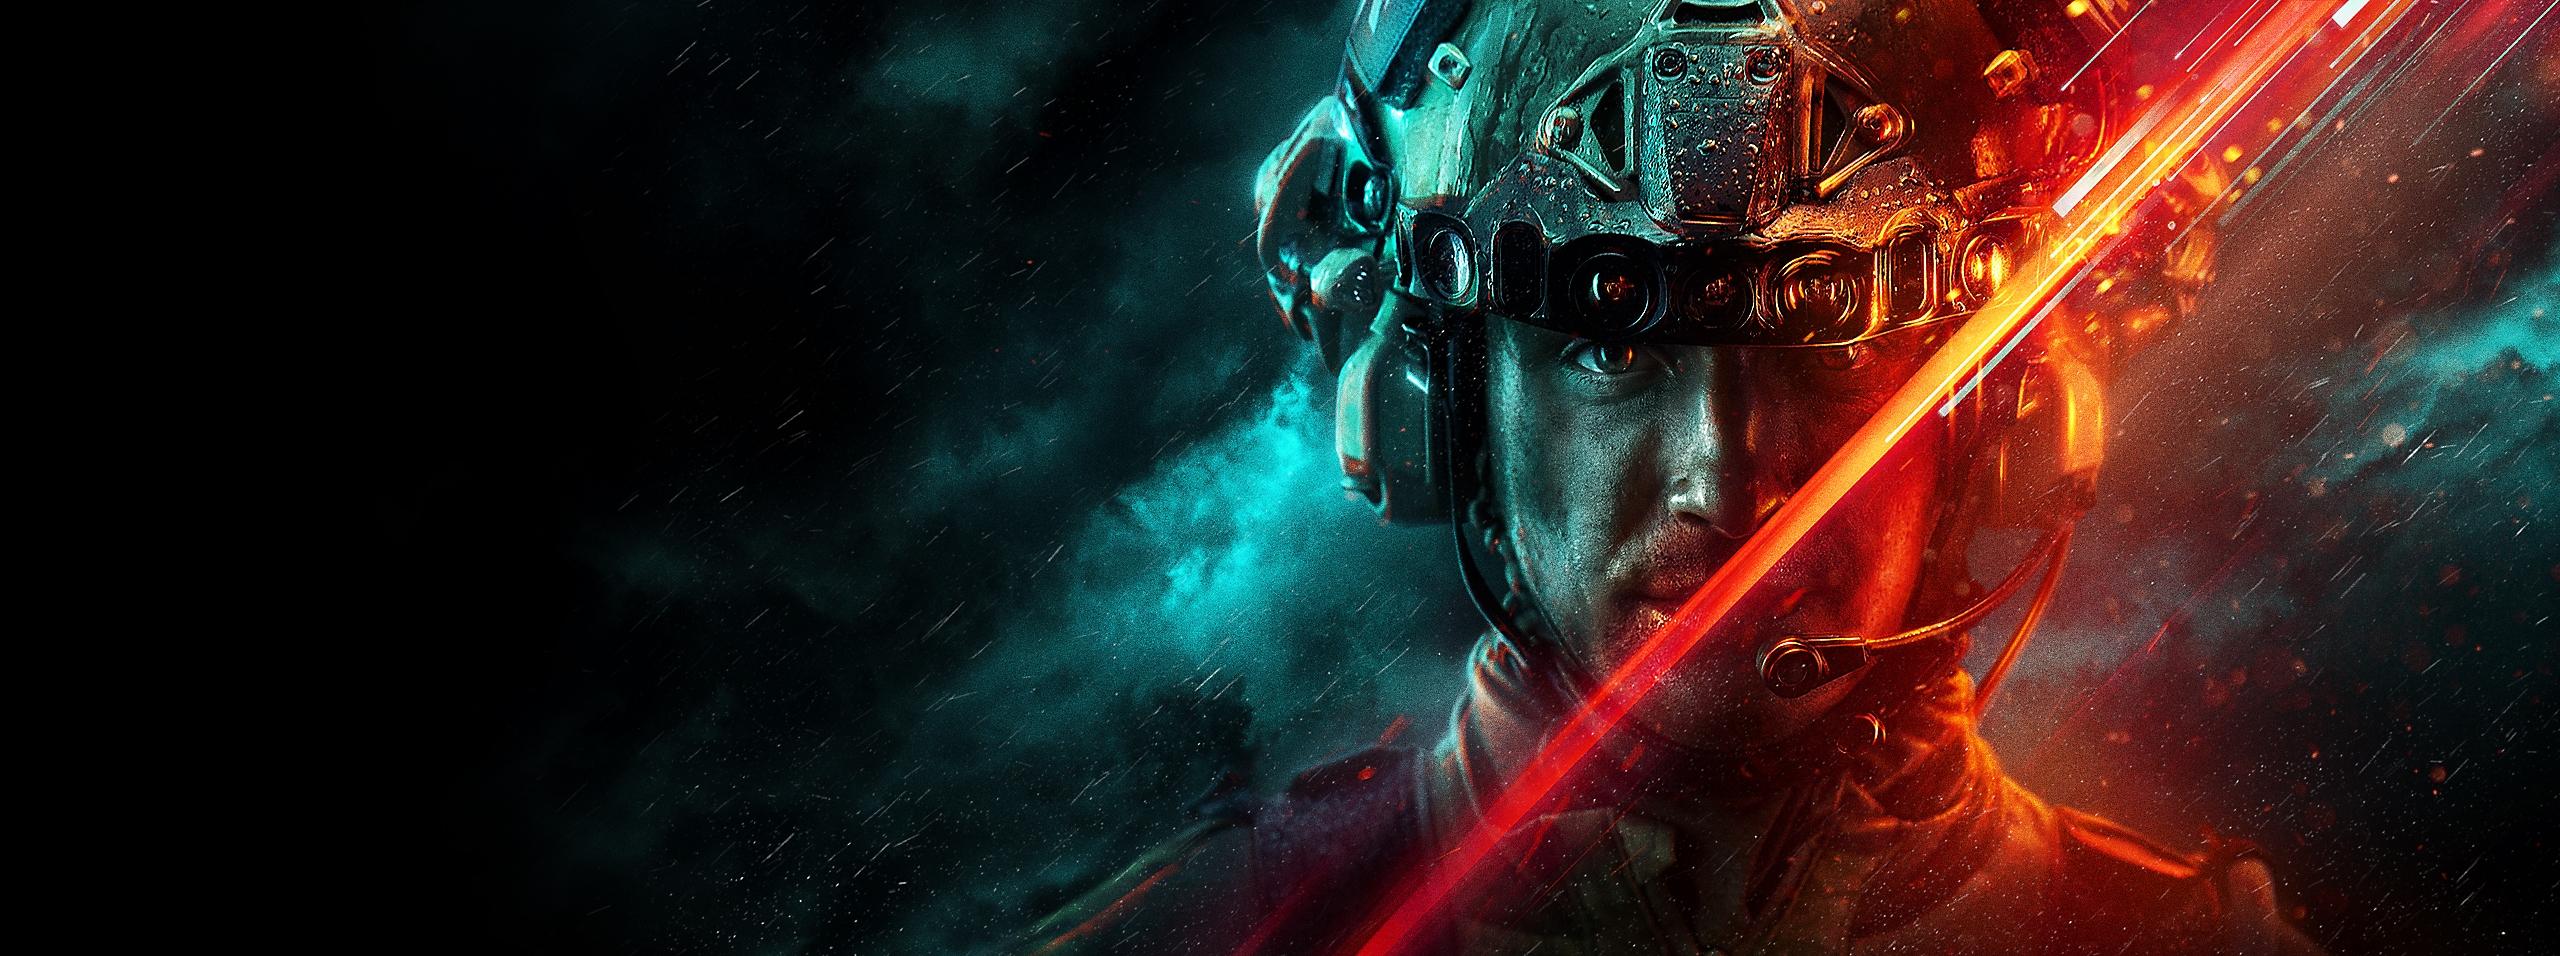 Battlefield 2042 - Key Art